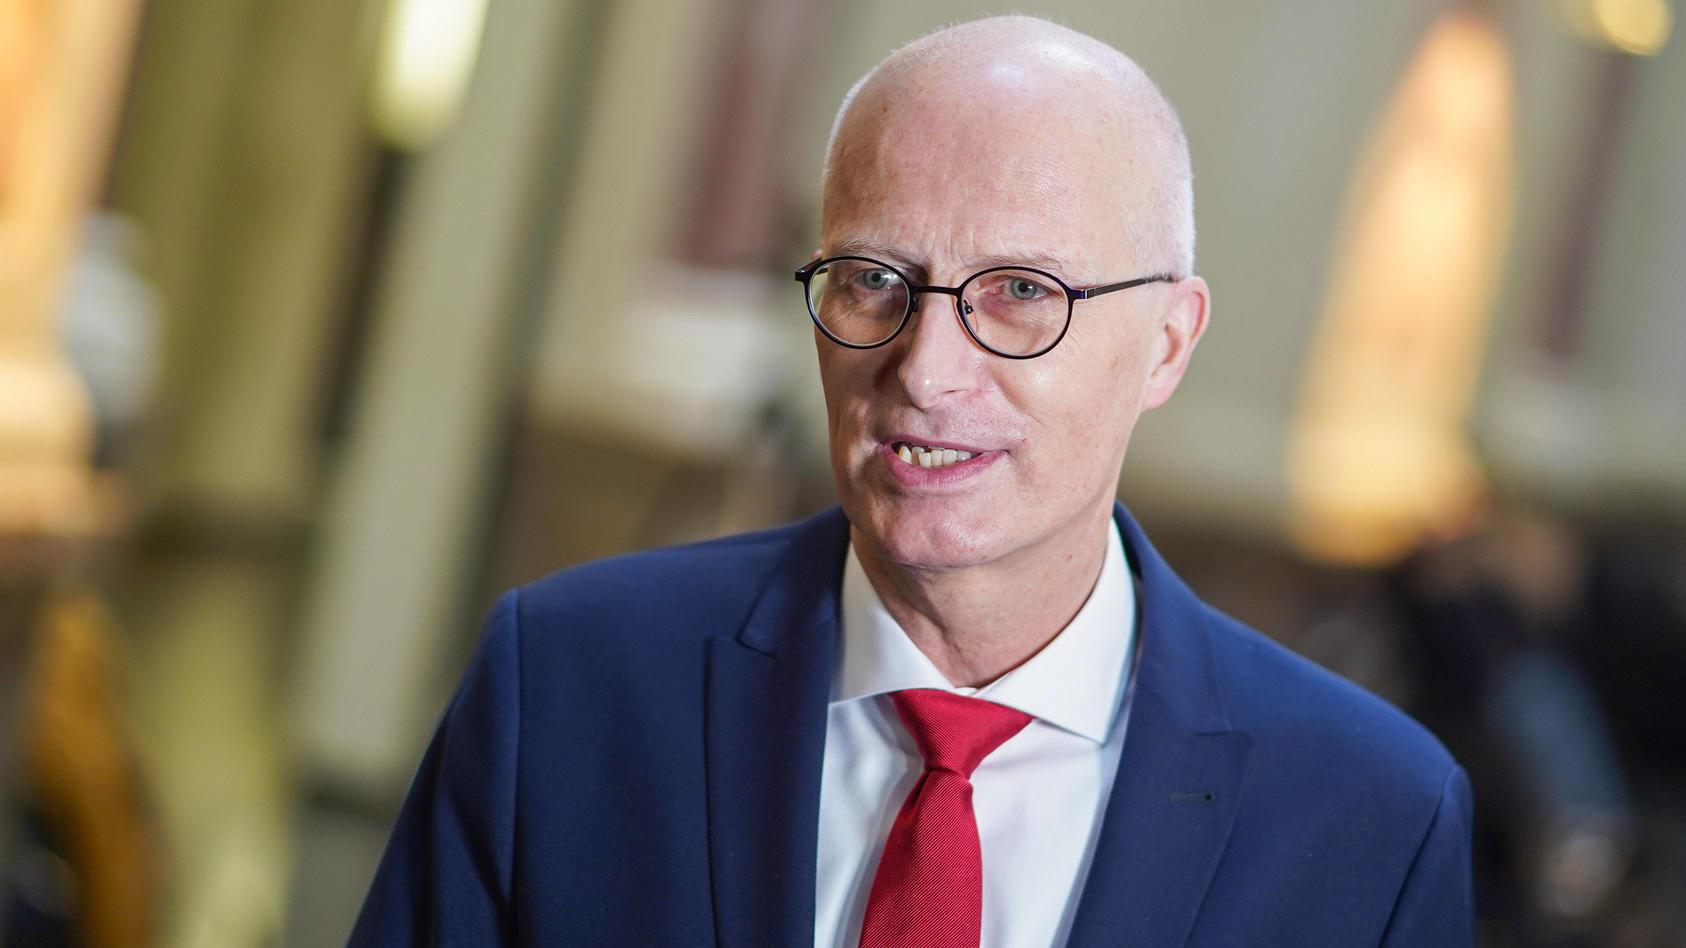 Hamburgs Erster Bürgermeister Peter Tschentscher will bald lockern